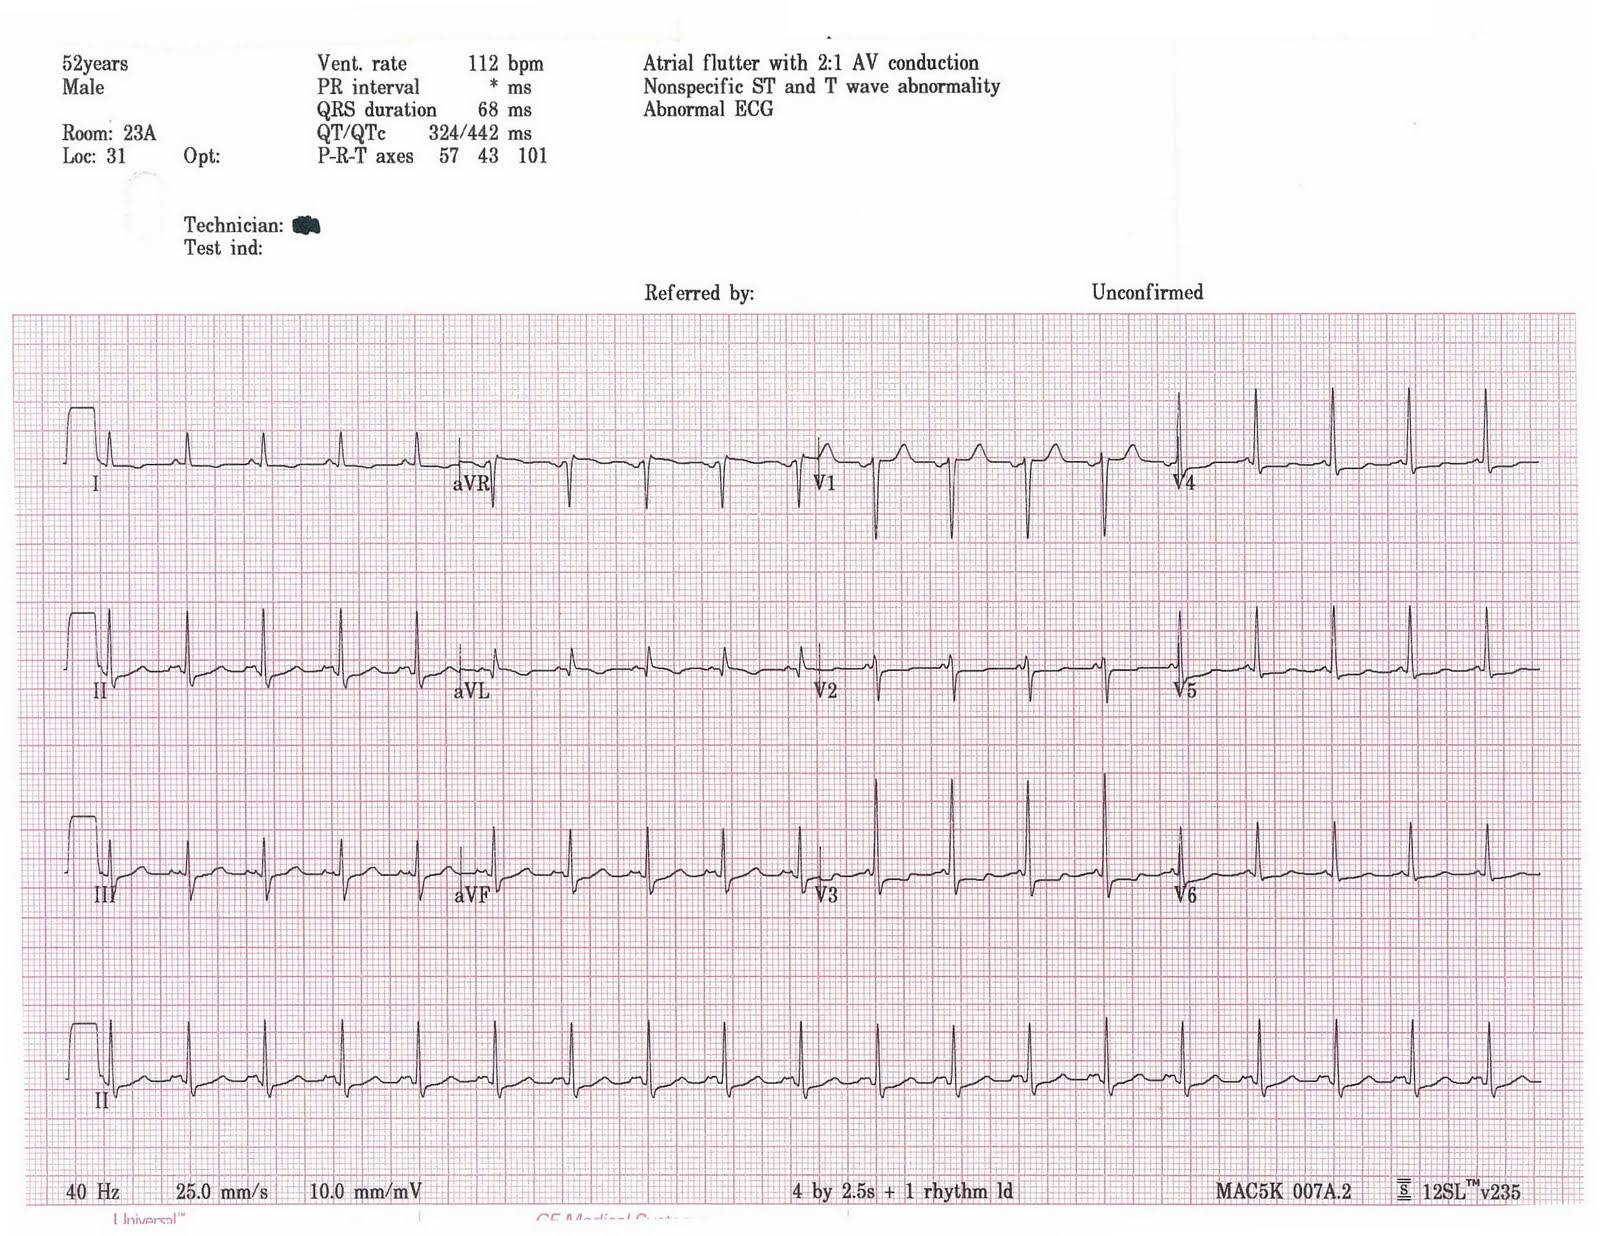 Heart Specific Ekg